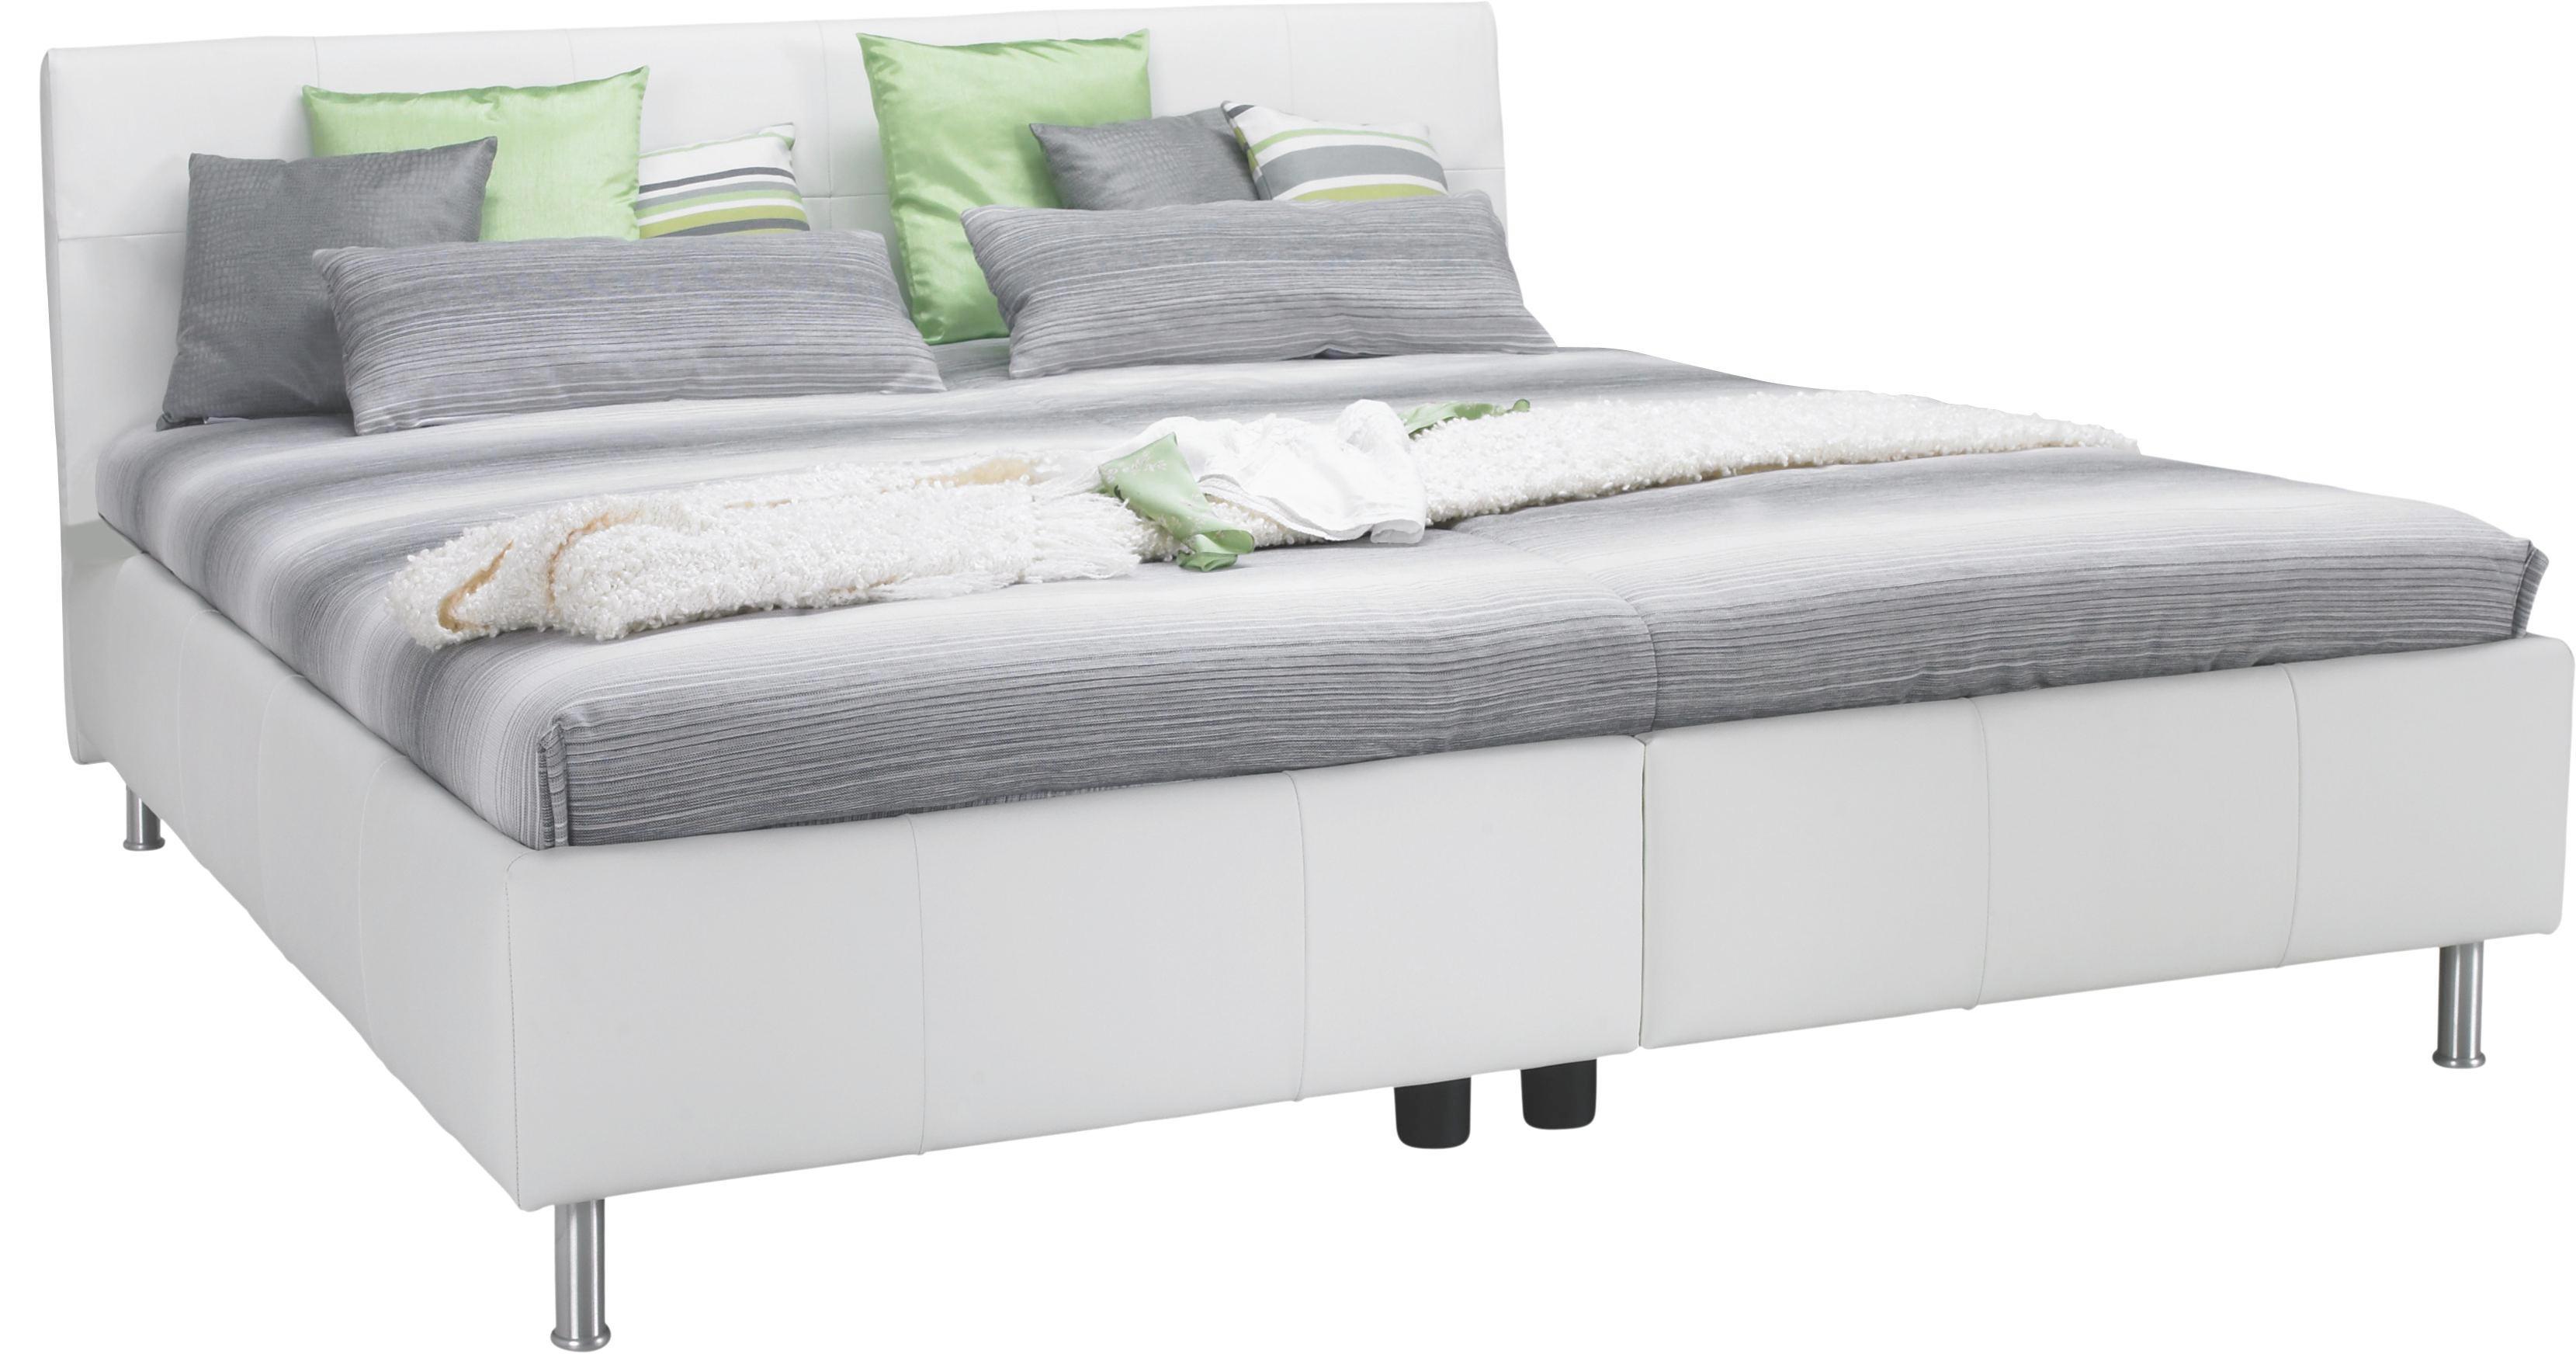 POLSTERBETT 180 cm   x 200 cm   in Leder Weiß - Alufarben/Weiß, KONVENTIONELL, Leder/Textil (180/200cm) - ADA AUSTRIA